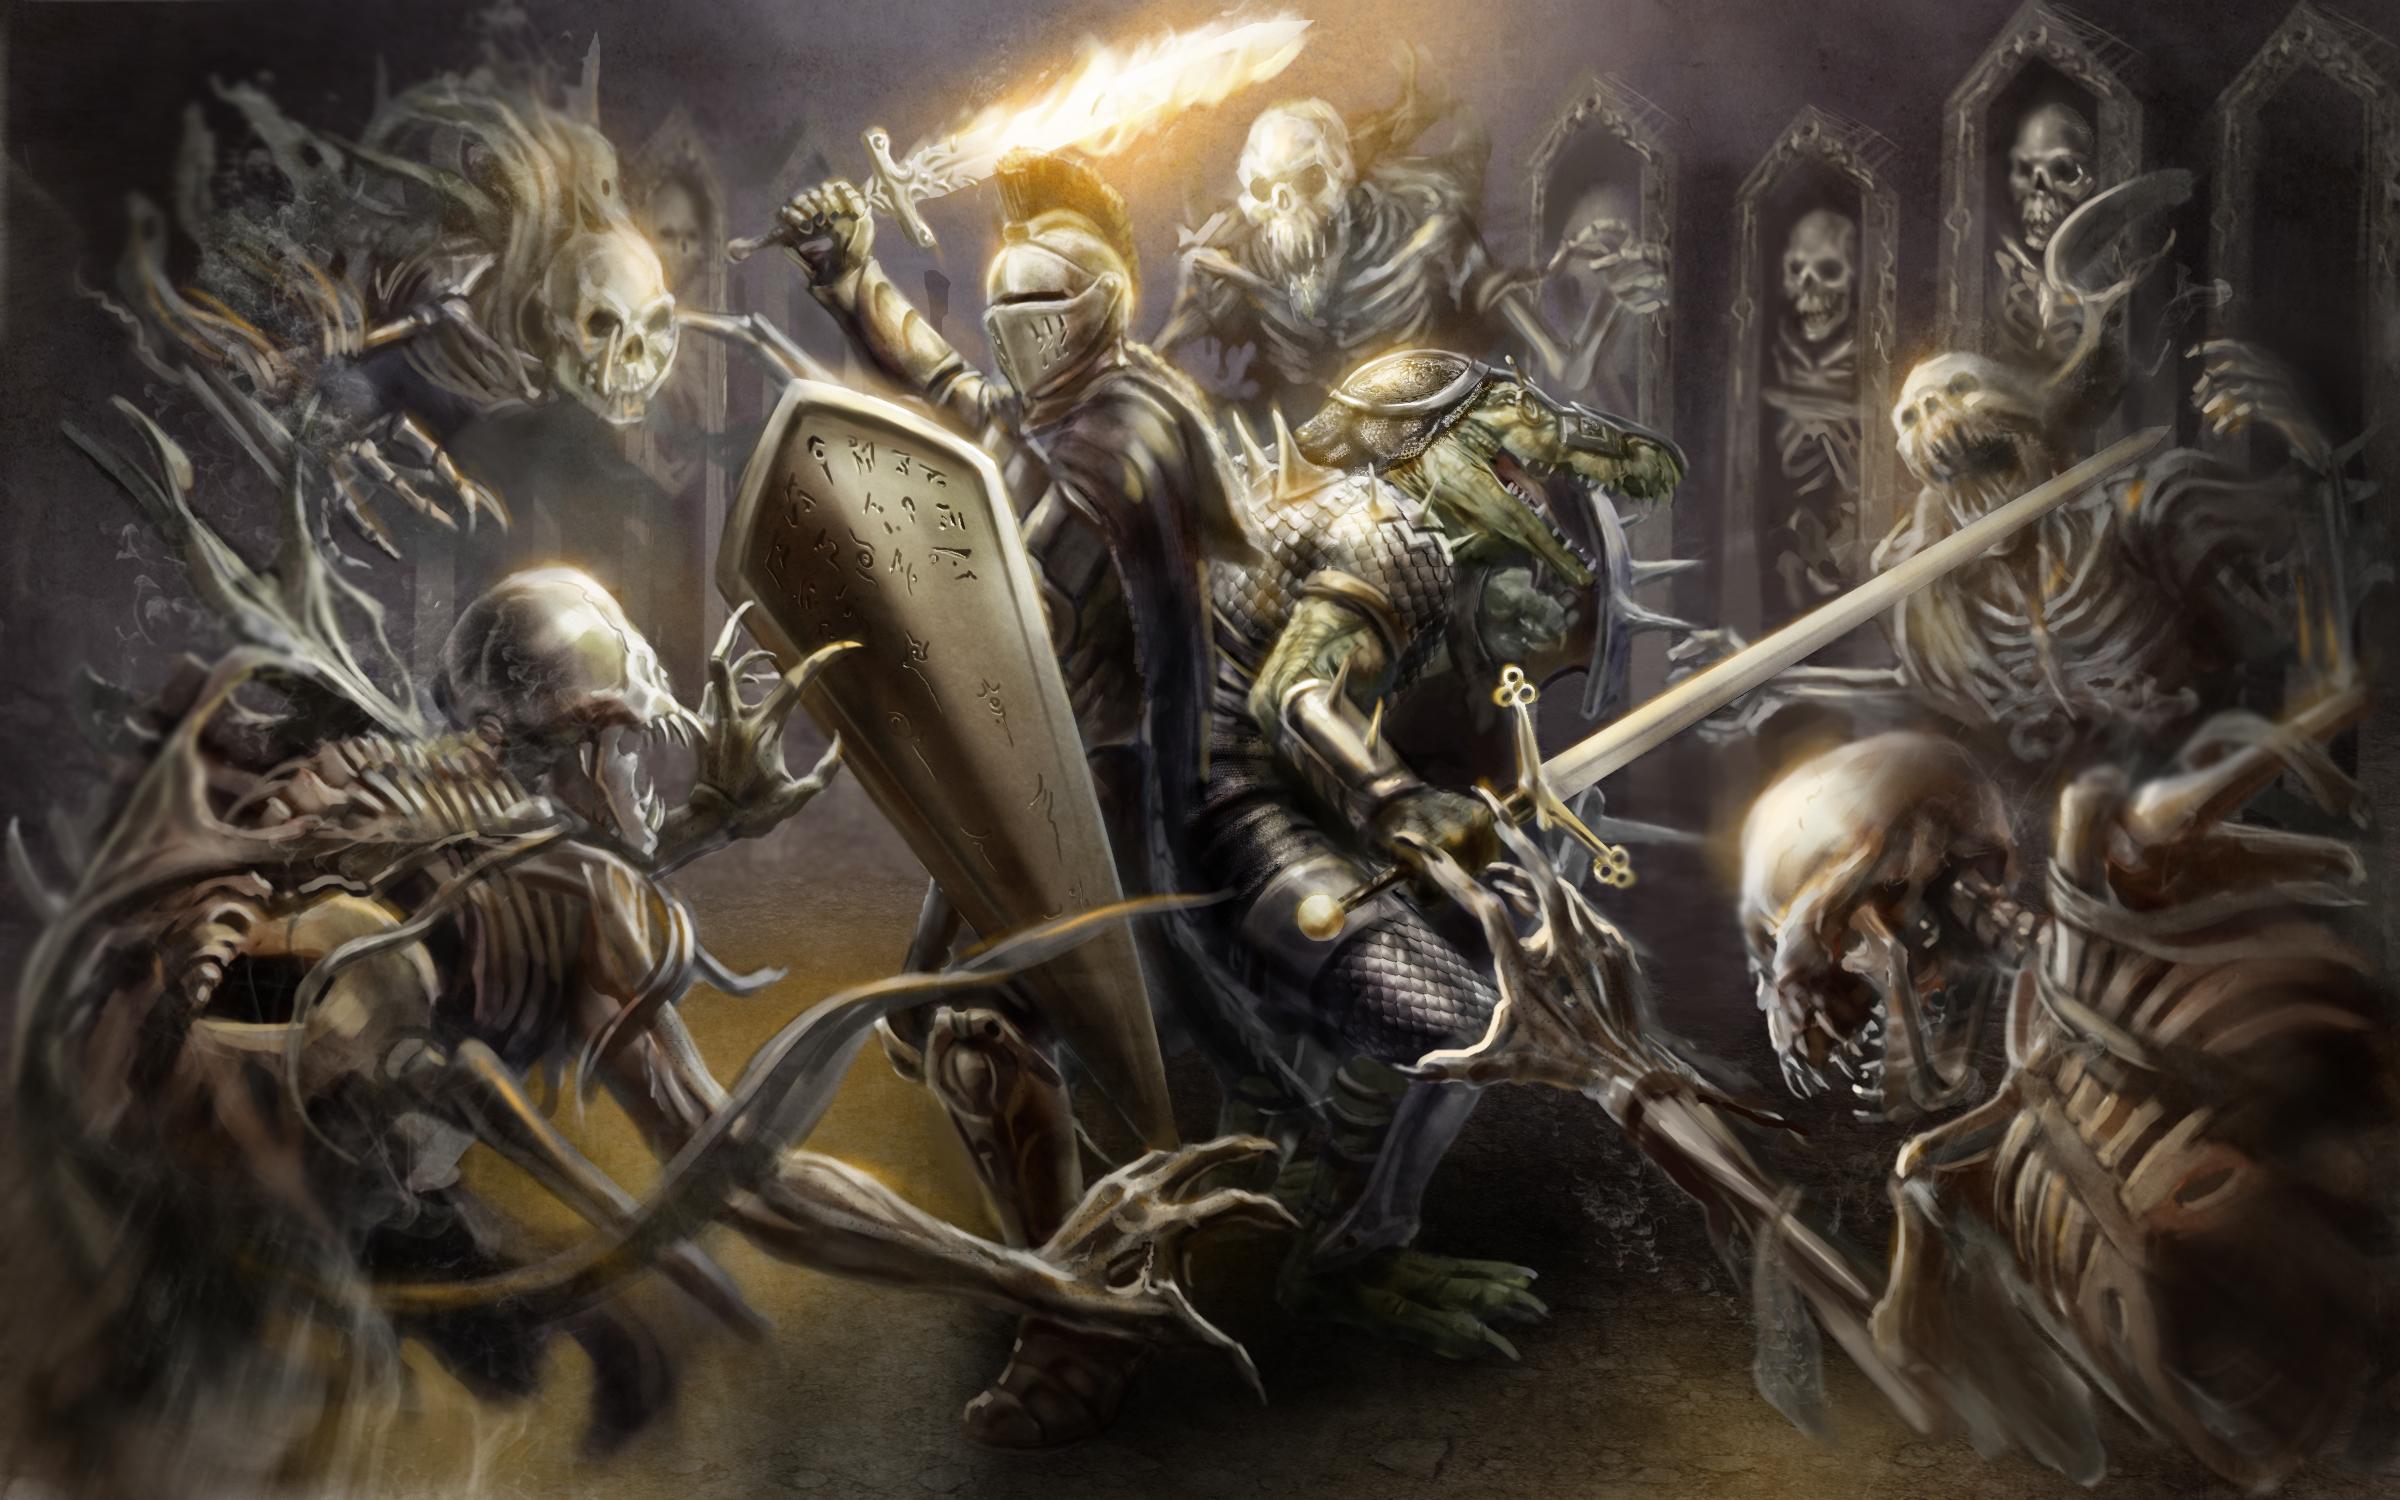 77693 Hintergrundbild herunterladen Skelette, Fantasie, Kunst, Feuer, Waffe, Schild, Helm, Ritter, Krokodil, Rüstung, Schwert - Bildschirmschoner und Bilder kostenlos